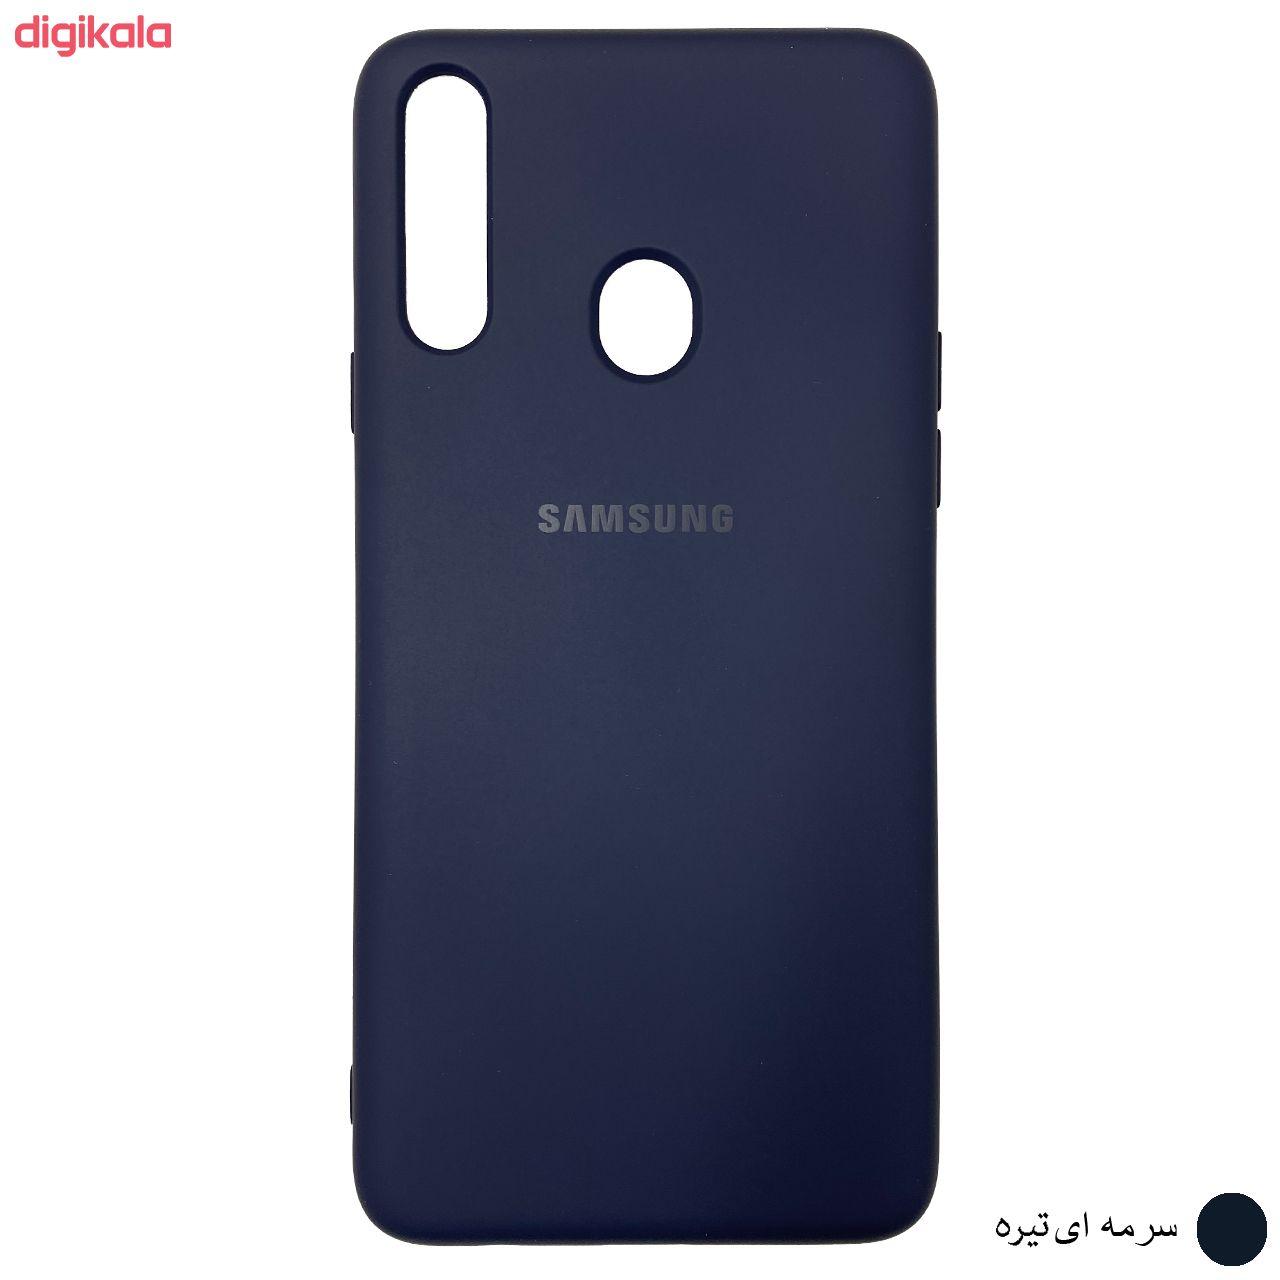 کاور مدل SCN مناسب برای گوشی موبایل سامسونگ Galaxy A20s main 1 23